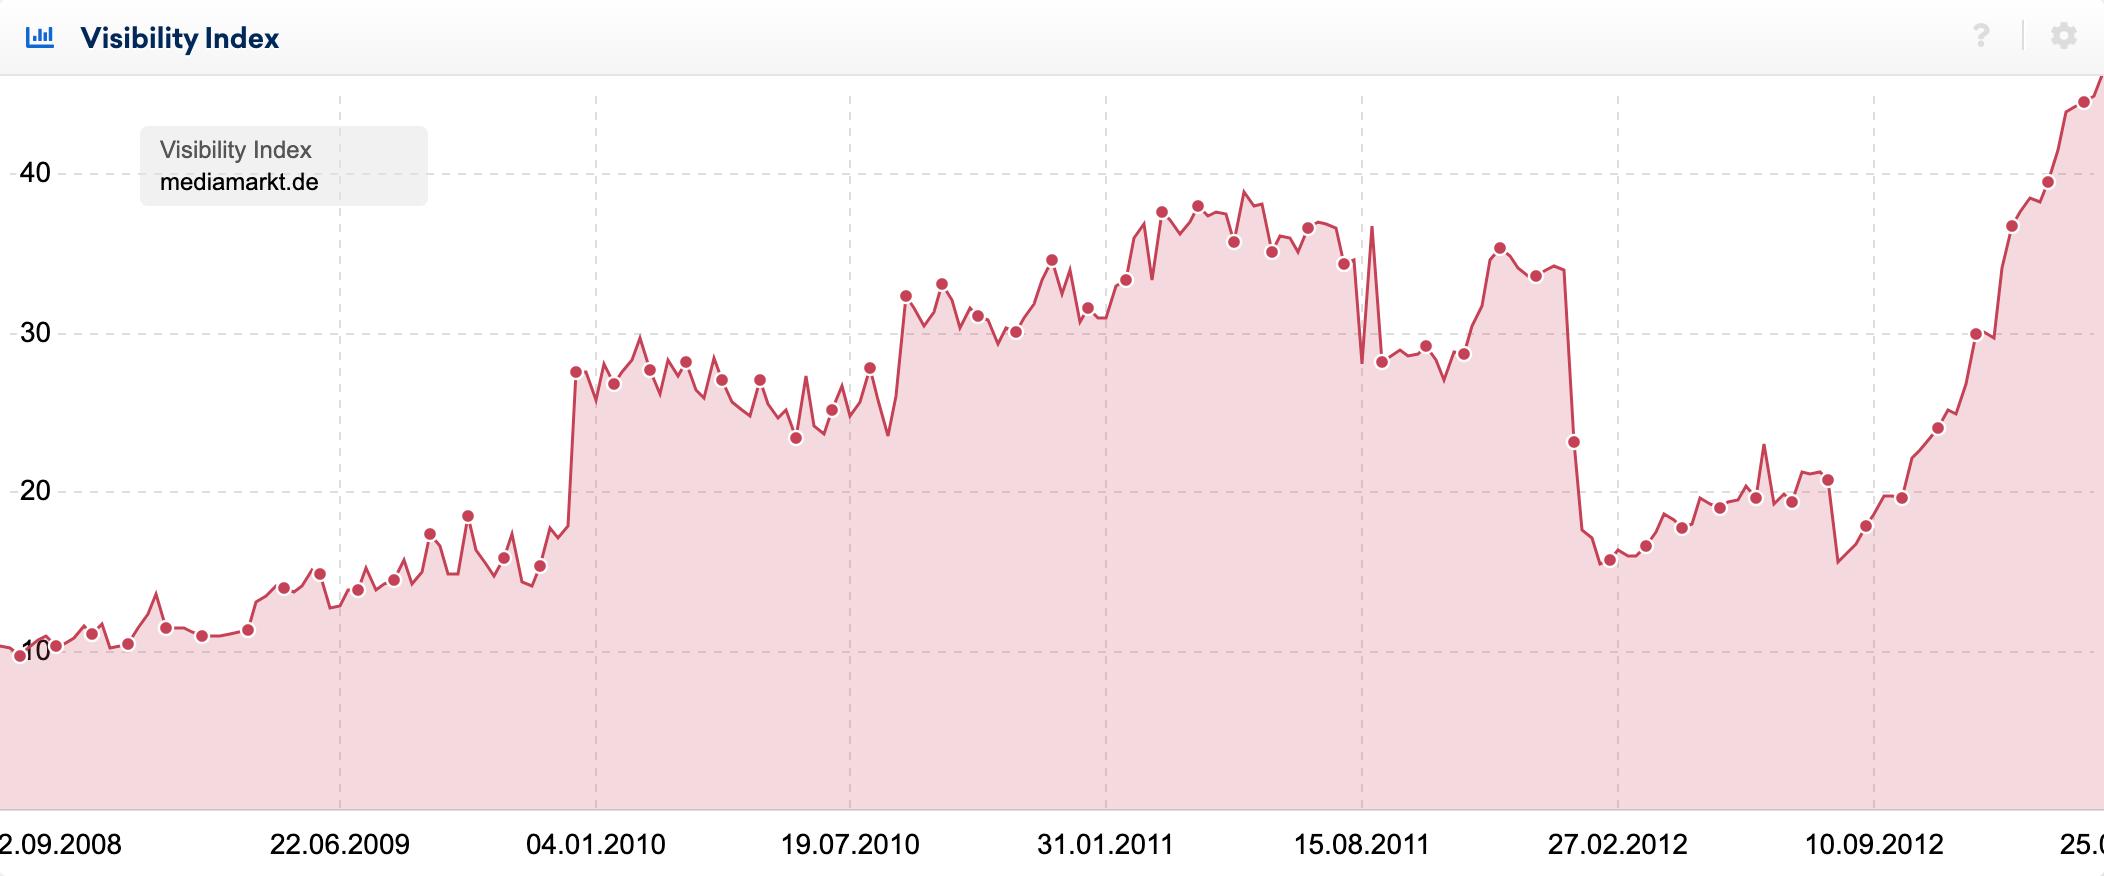 La relance a eu un effet sur l'indice de visibilité